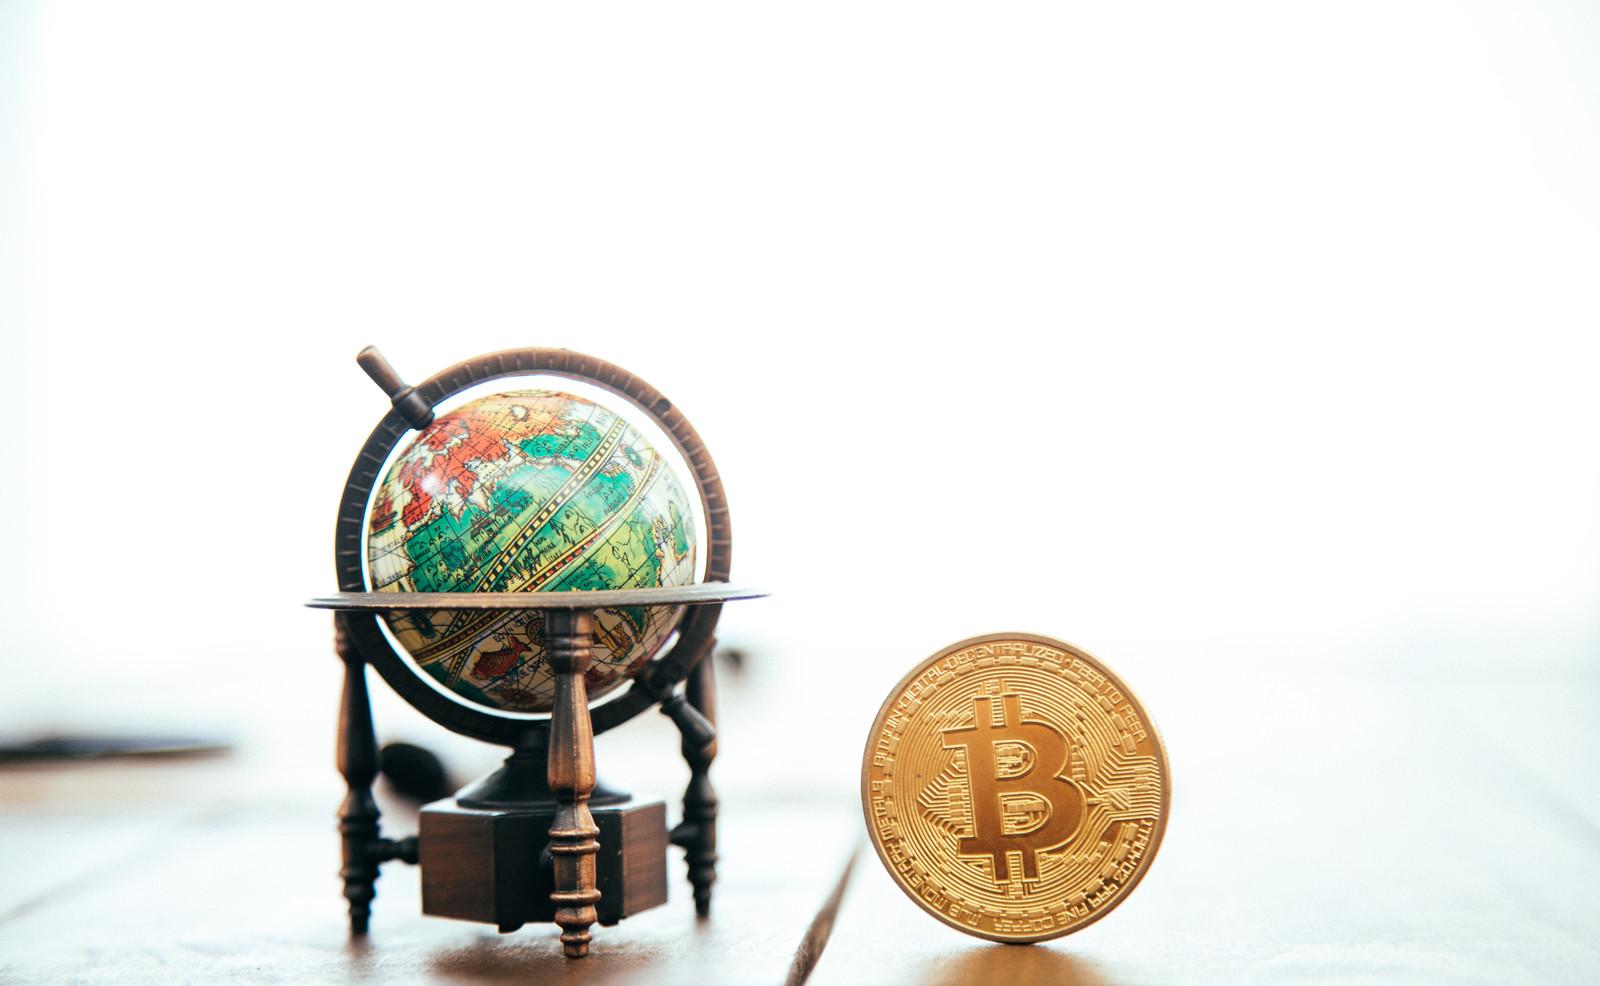 Bitcoin and globe